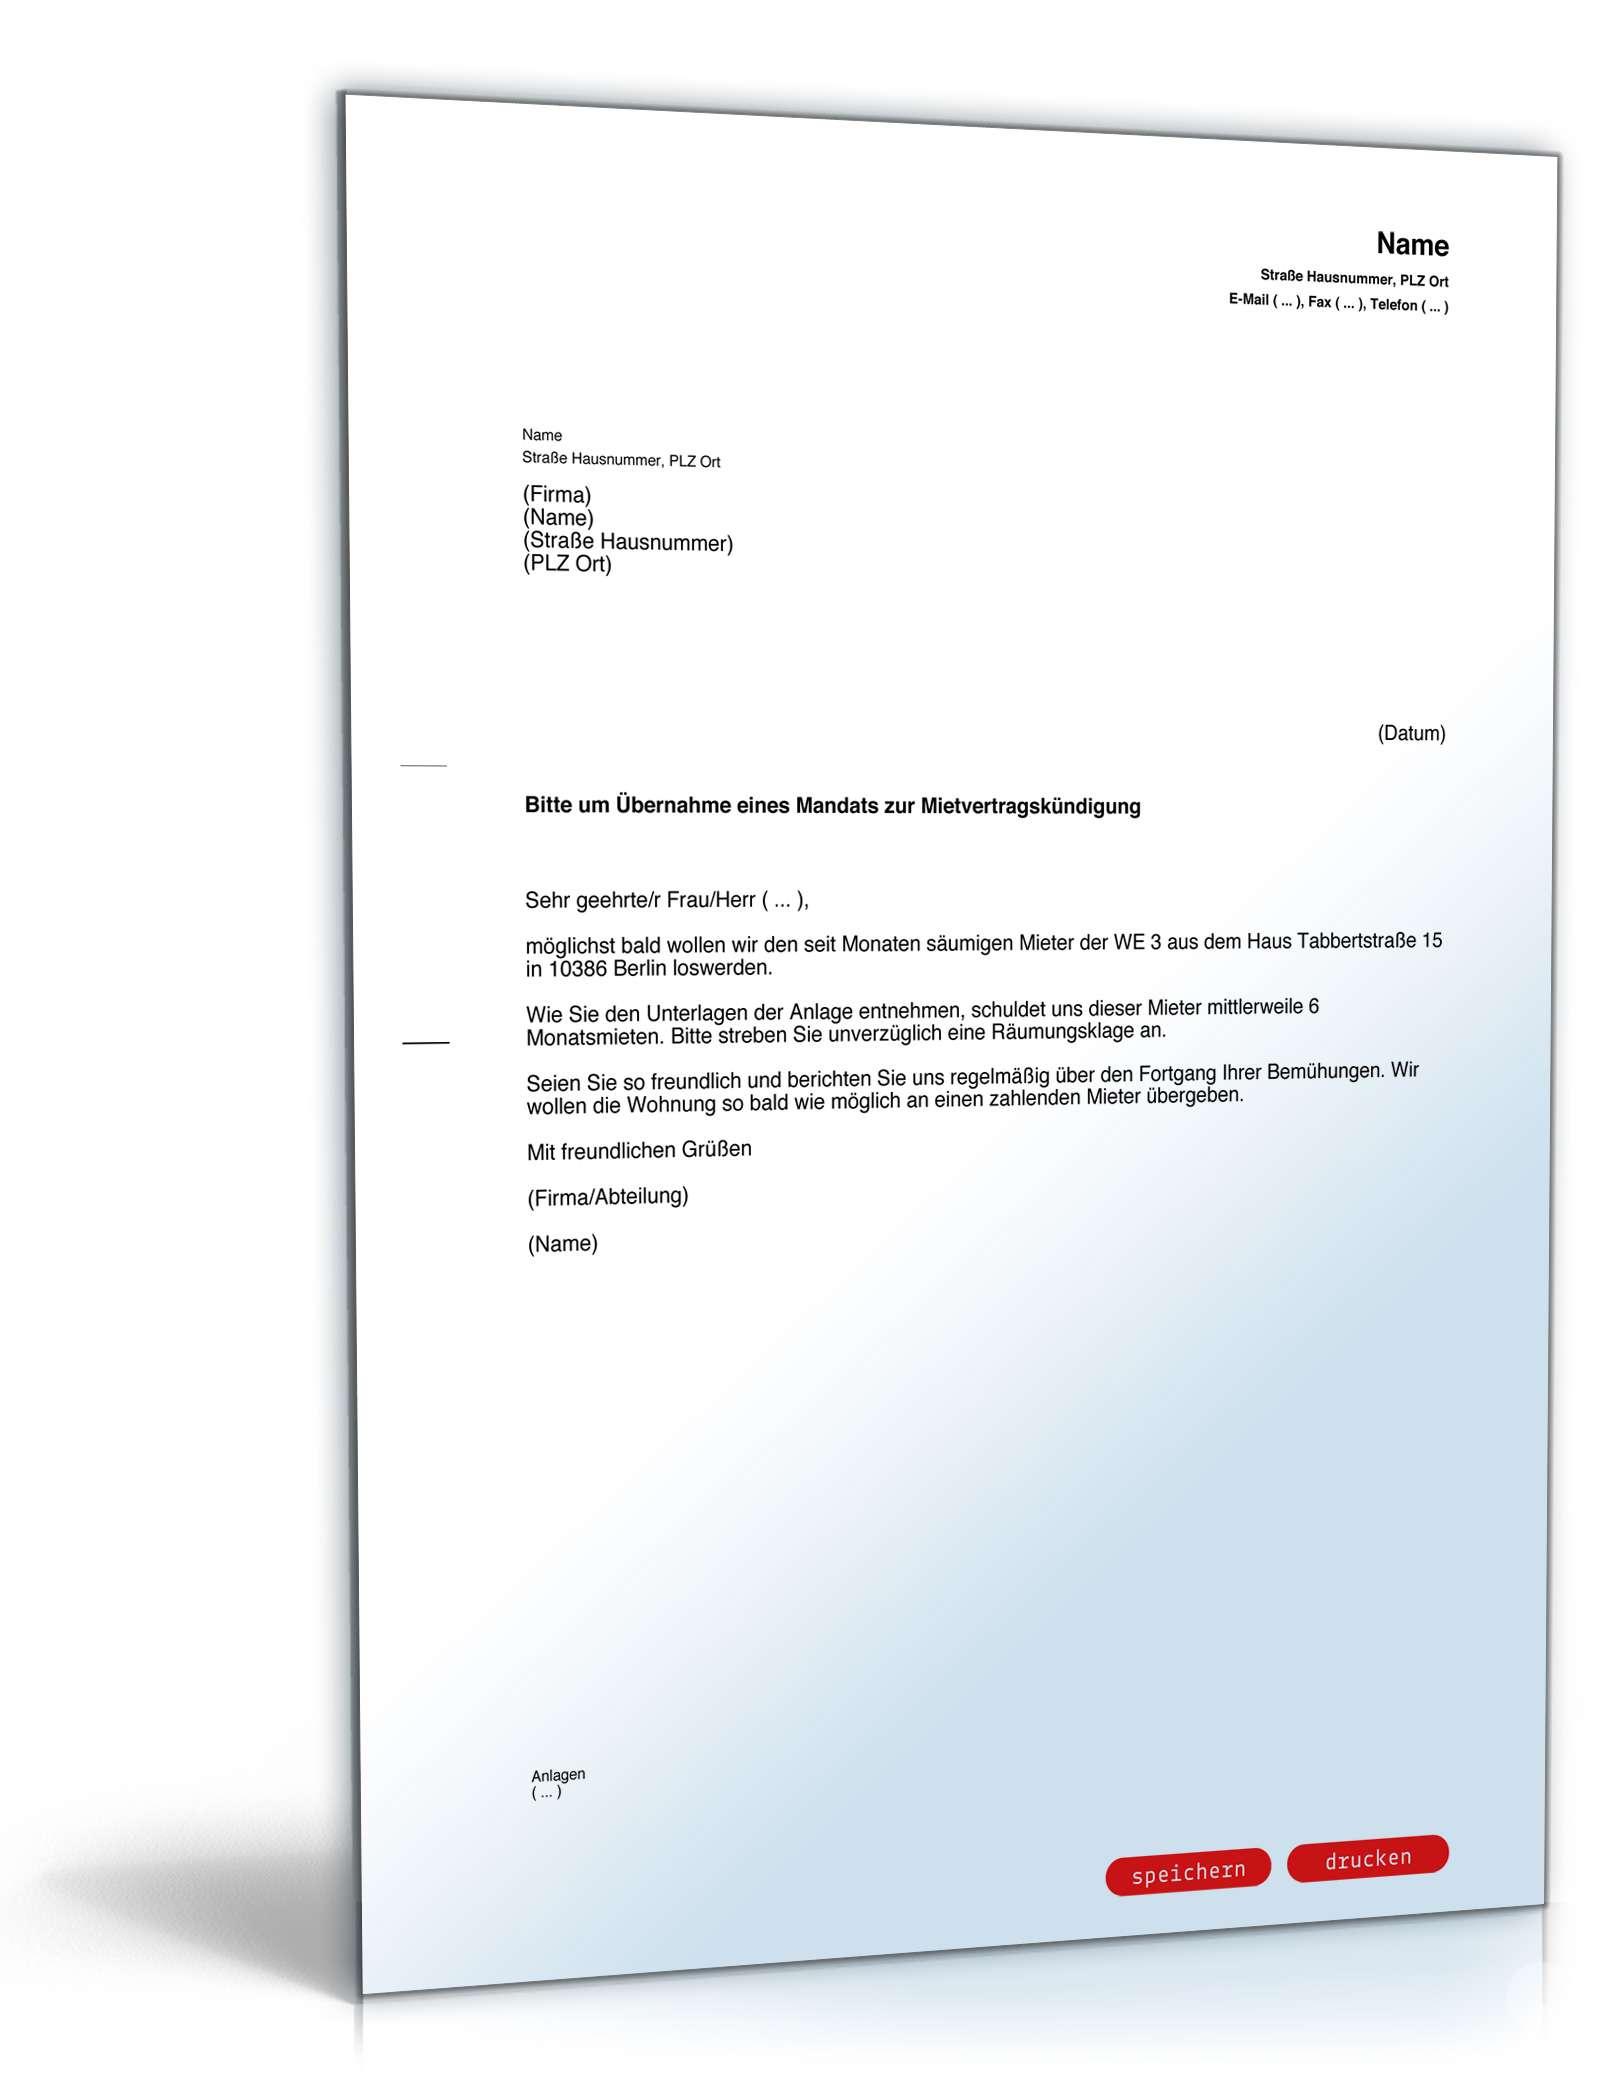 Beauftragung Rechtsanwalt Mietvertragskündigung